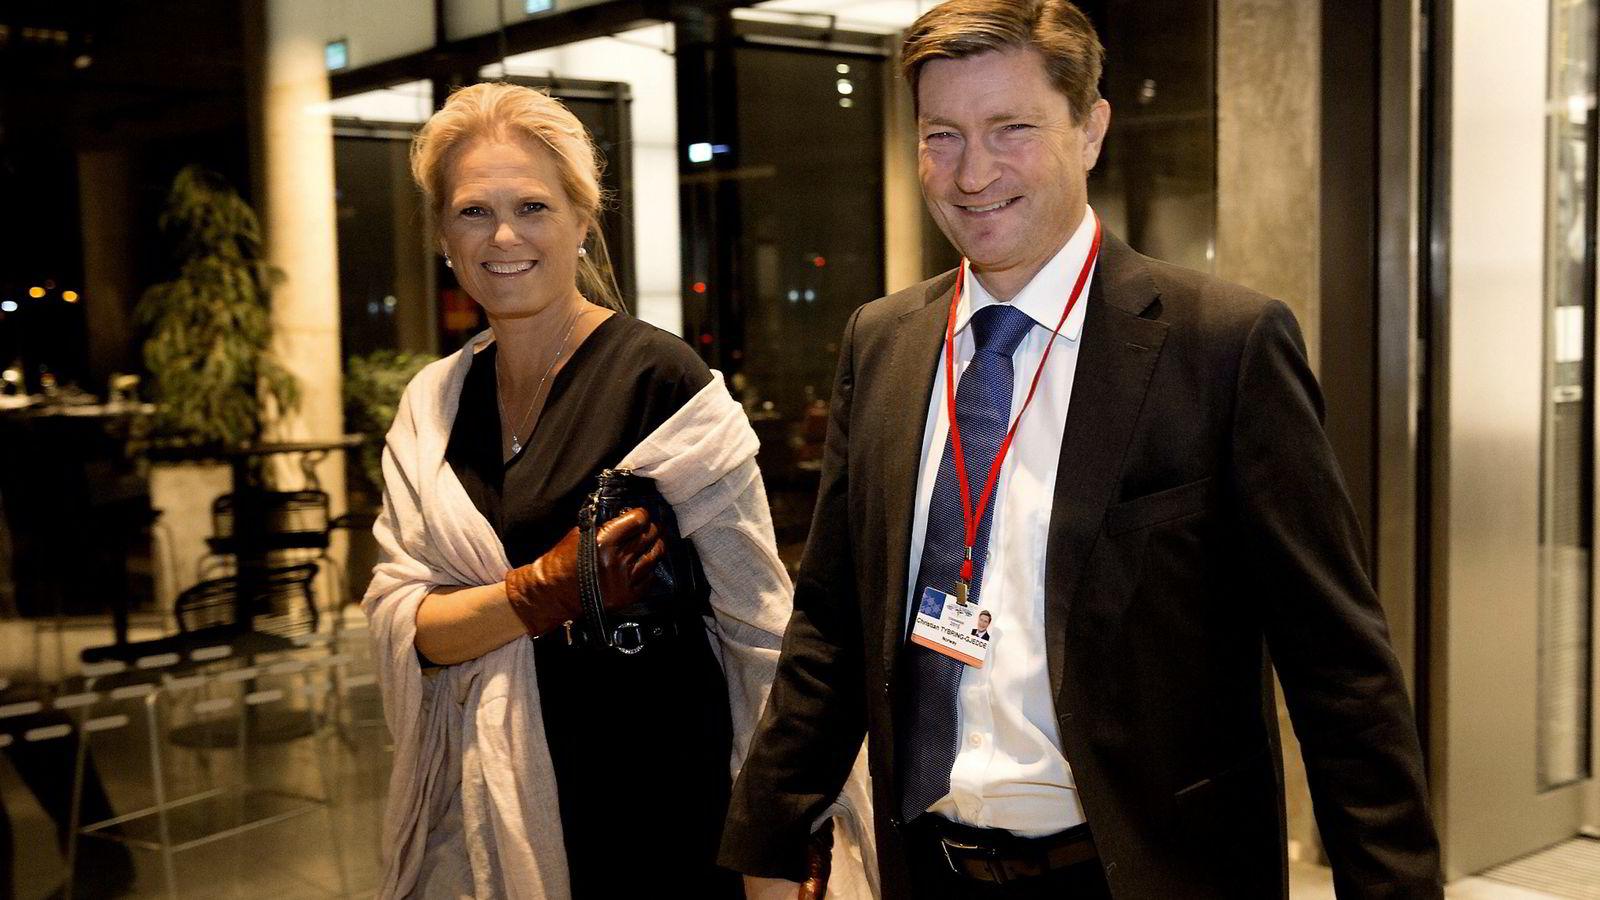 Ingvil Smines Tybring-Gjedde sammen med ektemannen Christian Tybring-Gjedde. Foto: